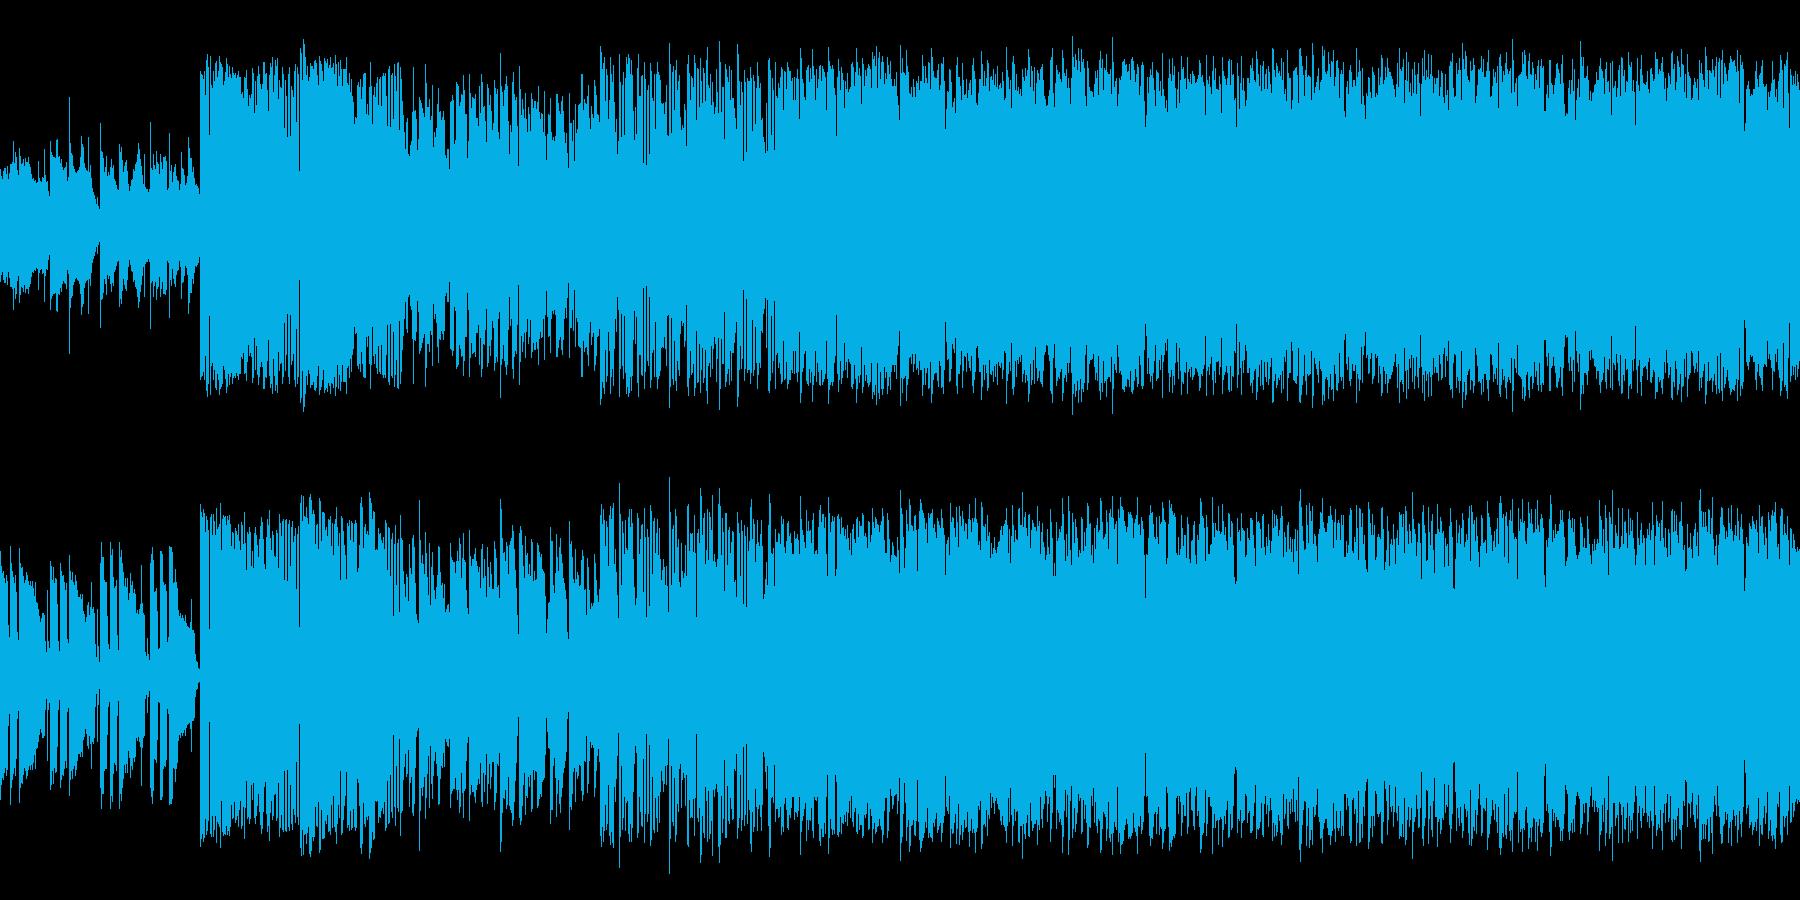 爽やかで賑わっているような曲の再生済みの波形